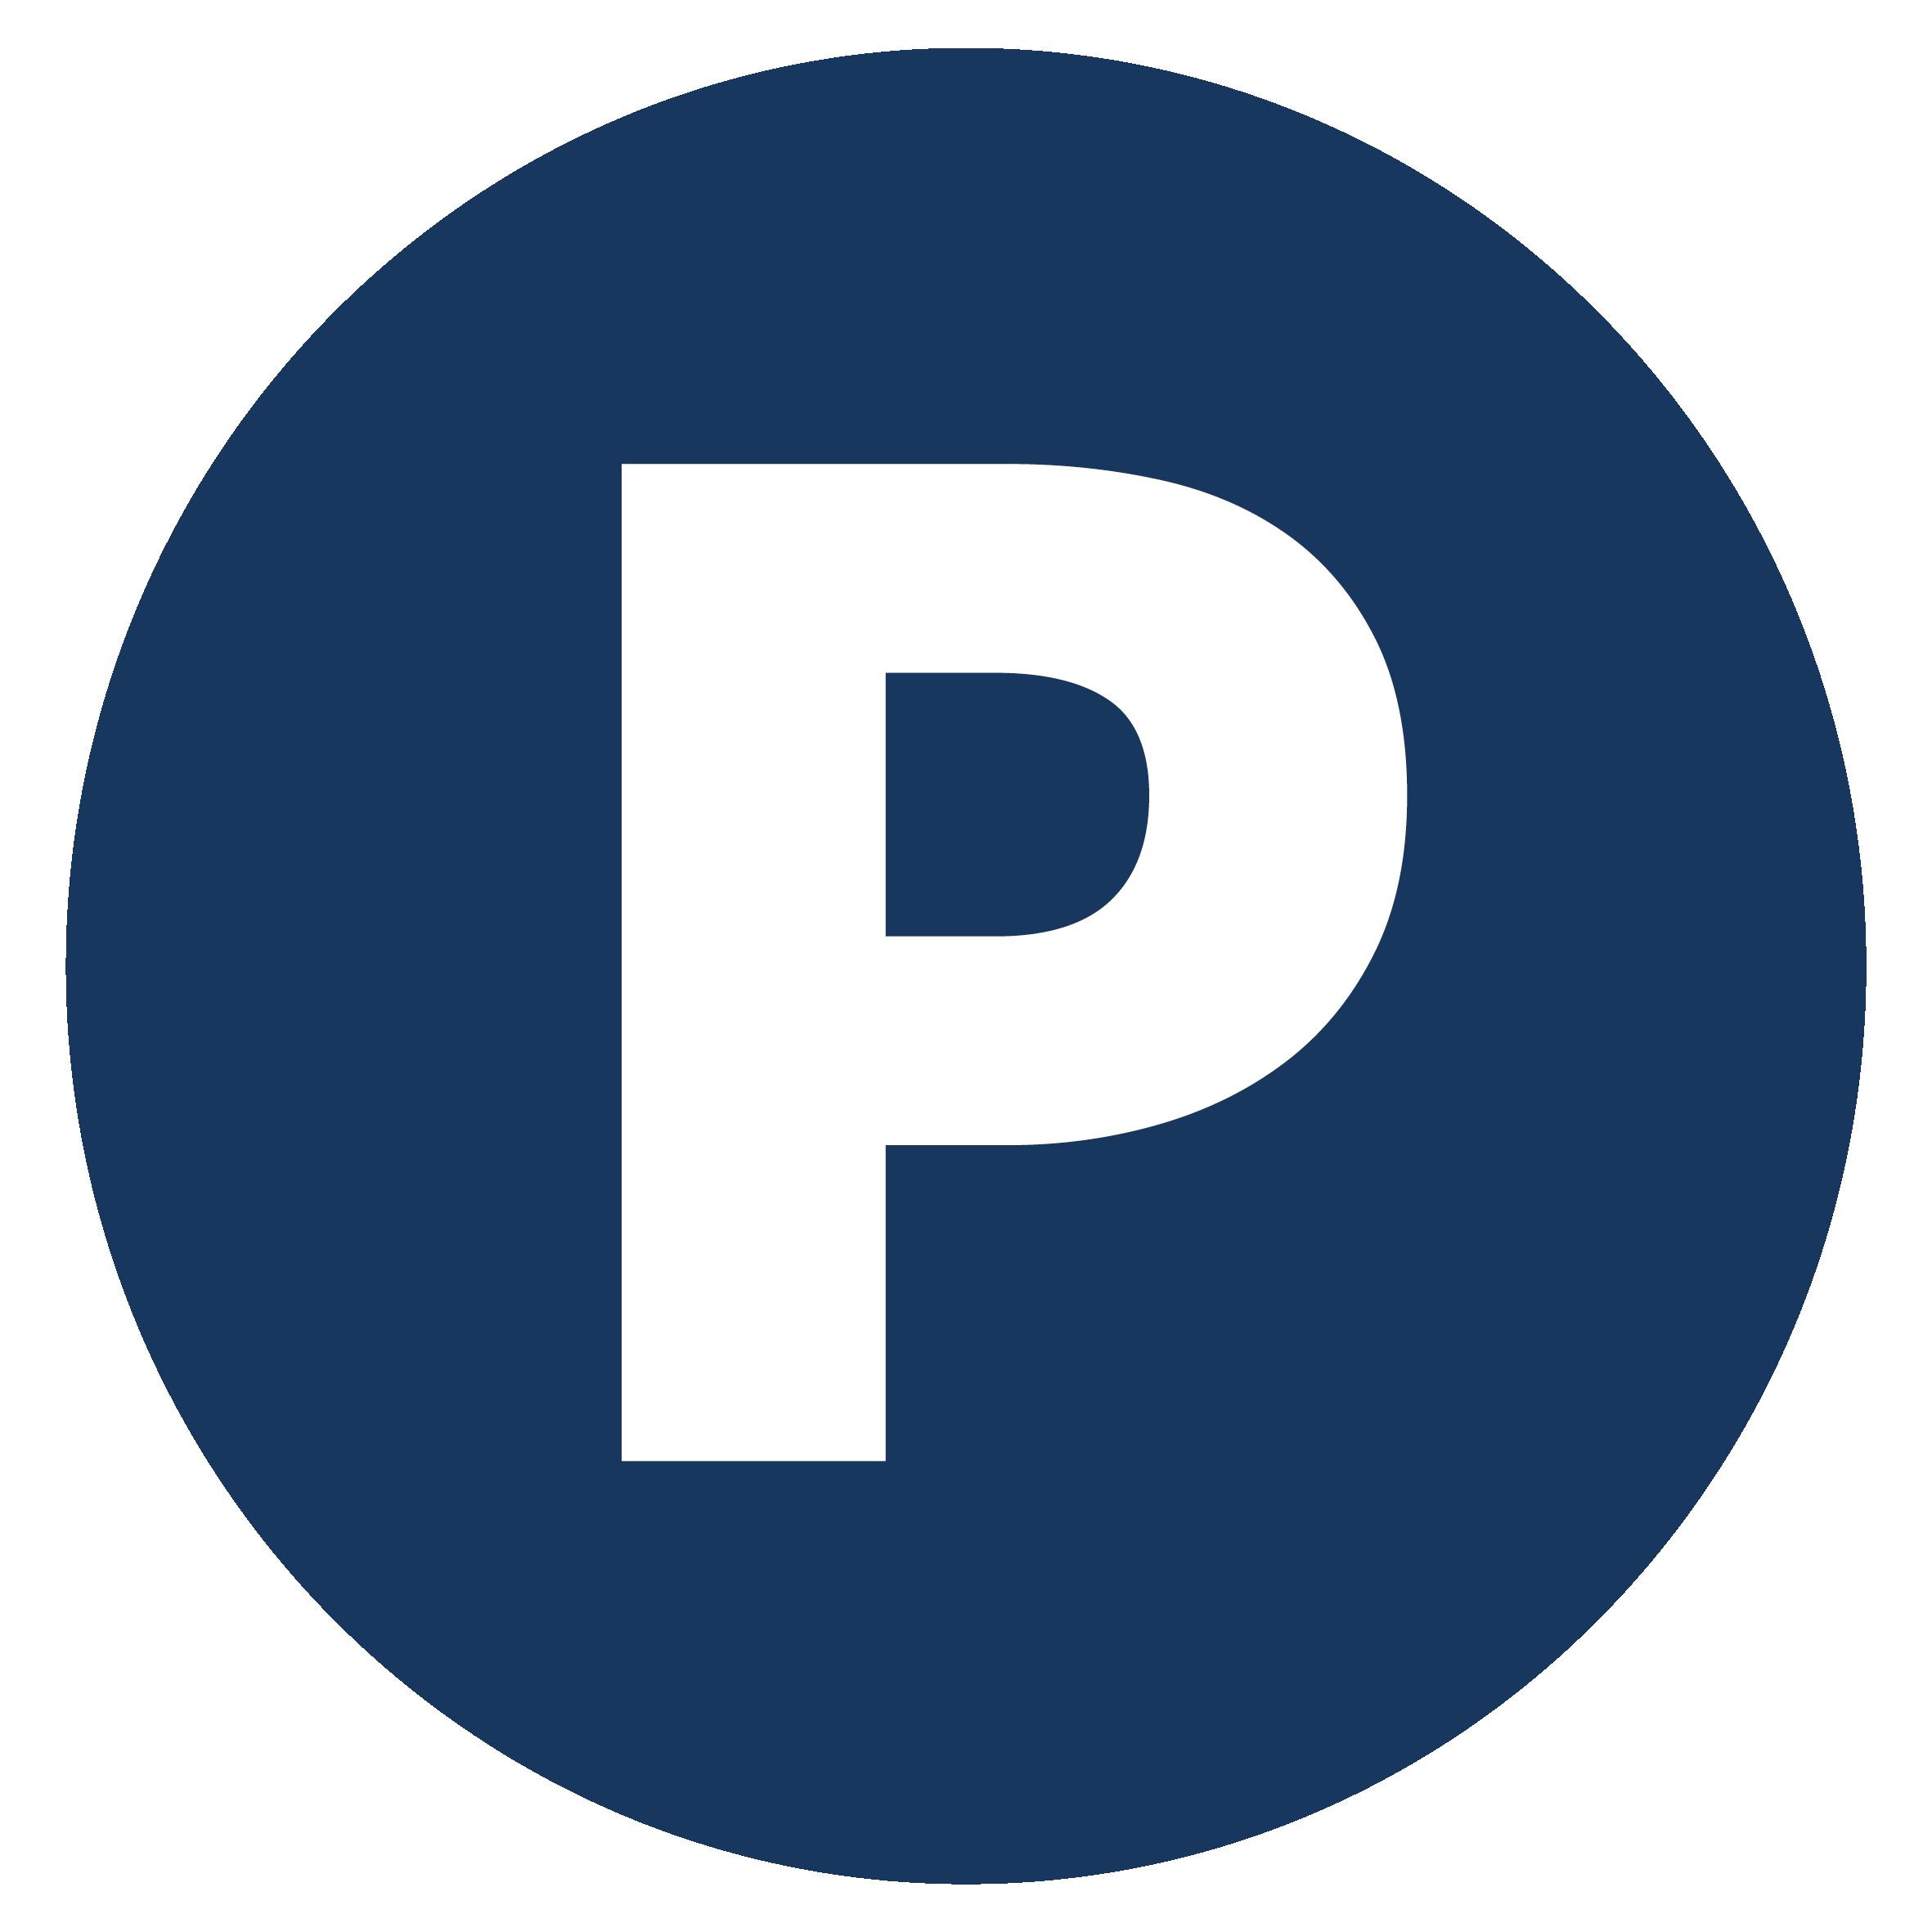 Bad Salzuflen bietet insgesamt 3 Parkhäuser sowie mehrere Parkplätze - innenstadtnah für kurze Wege.